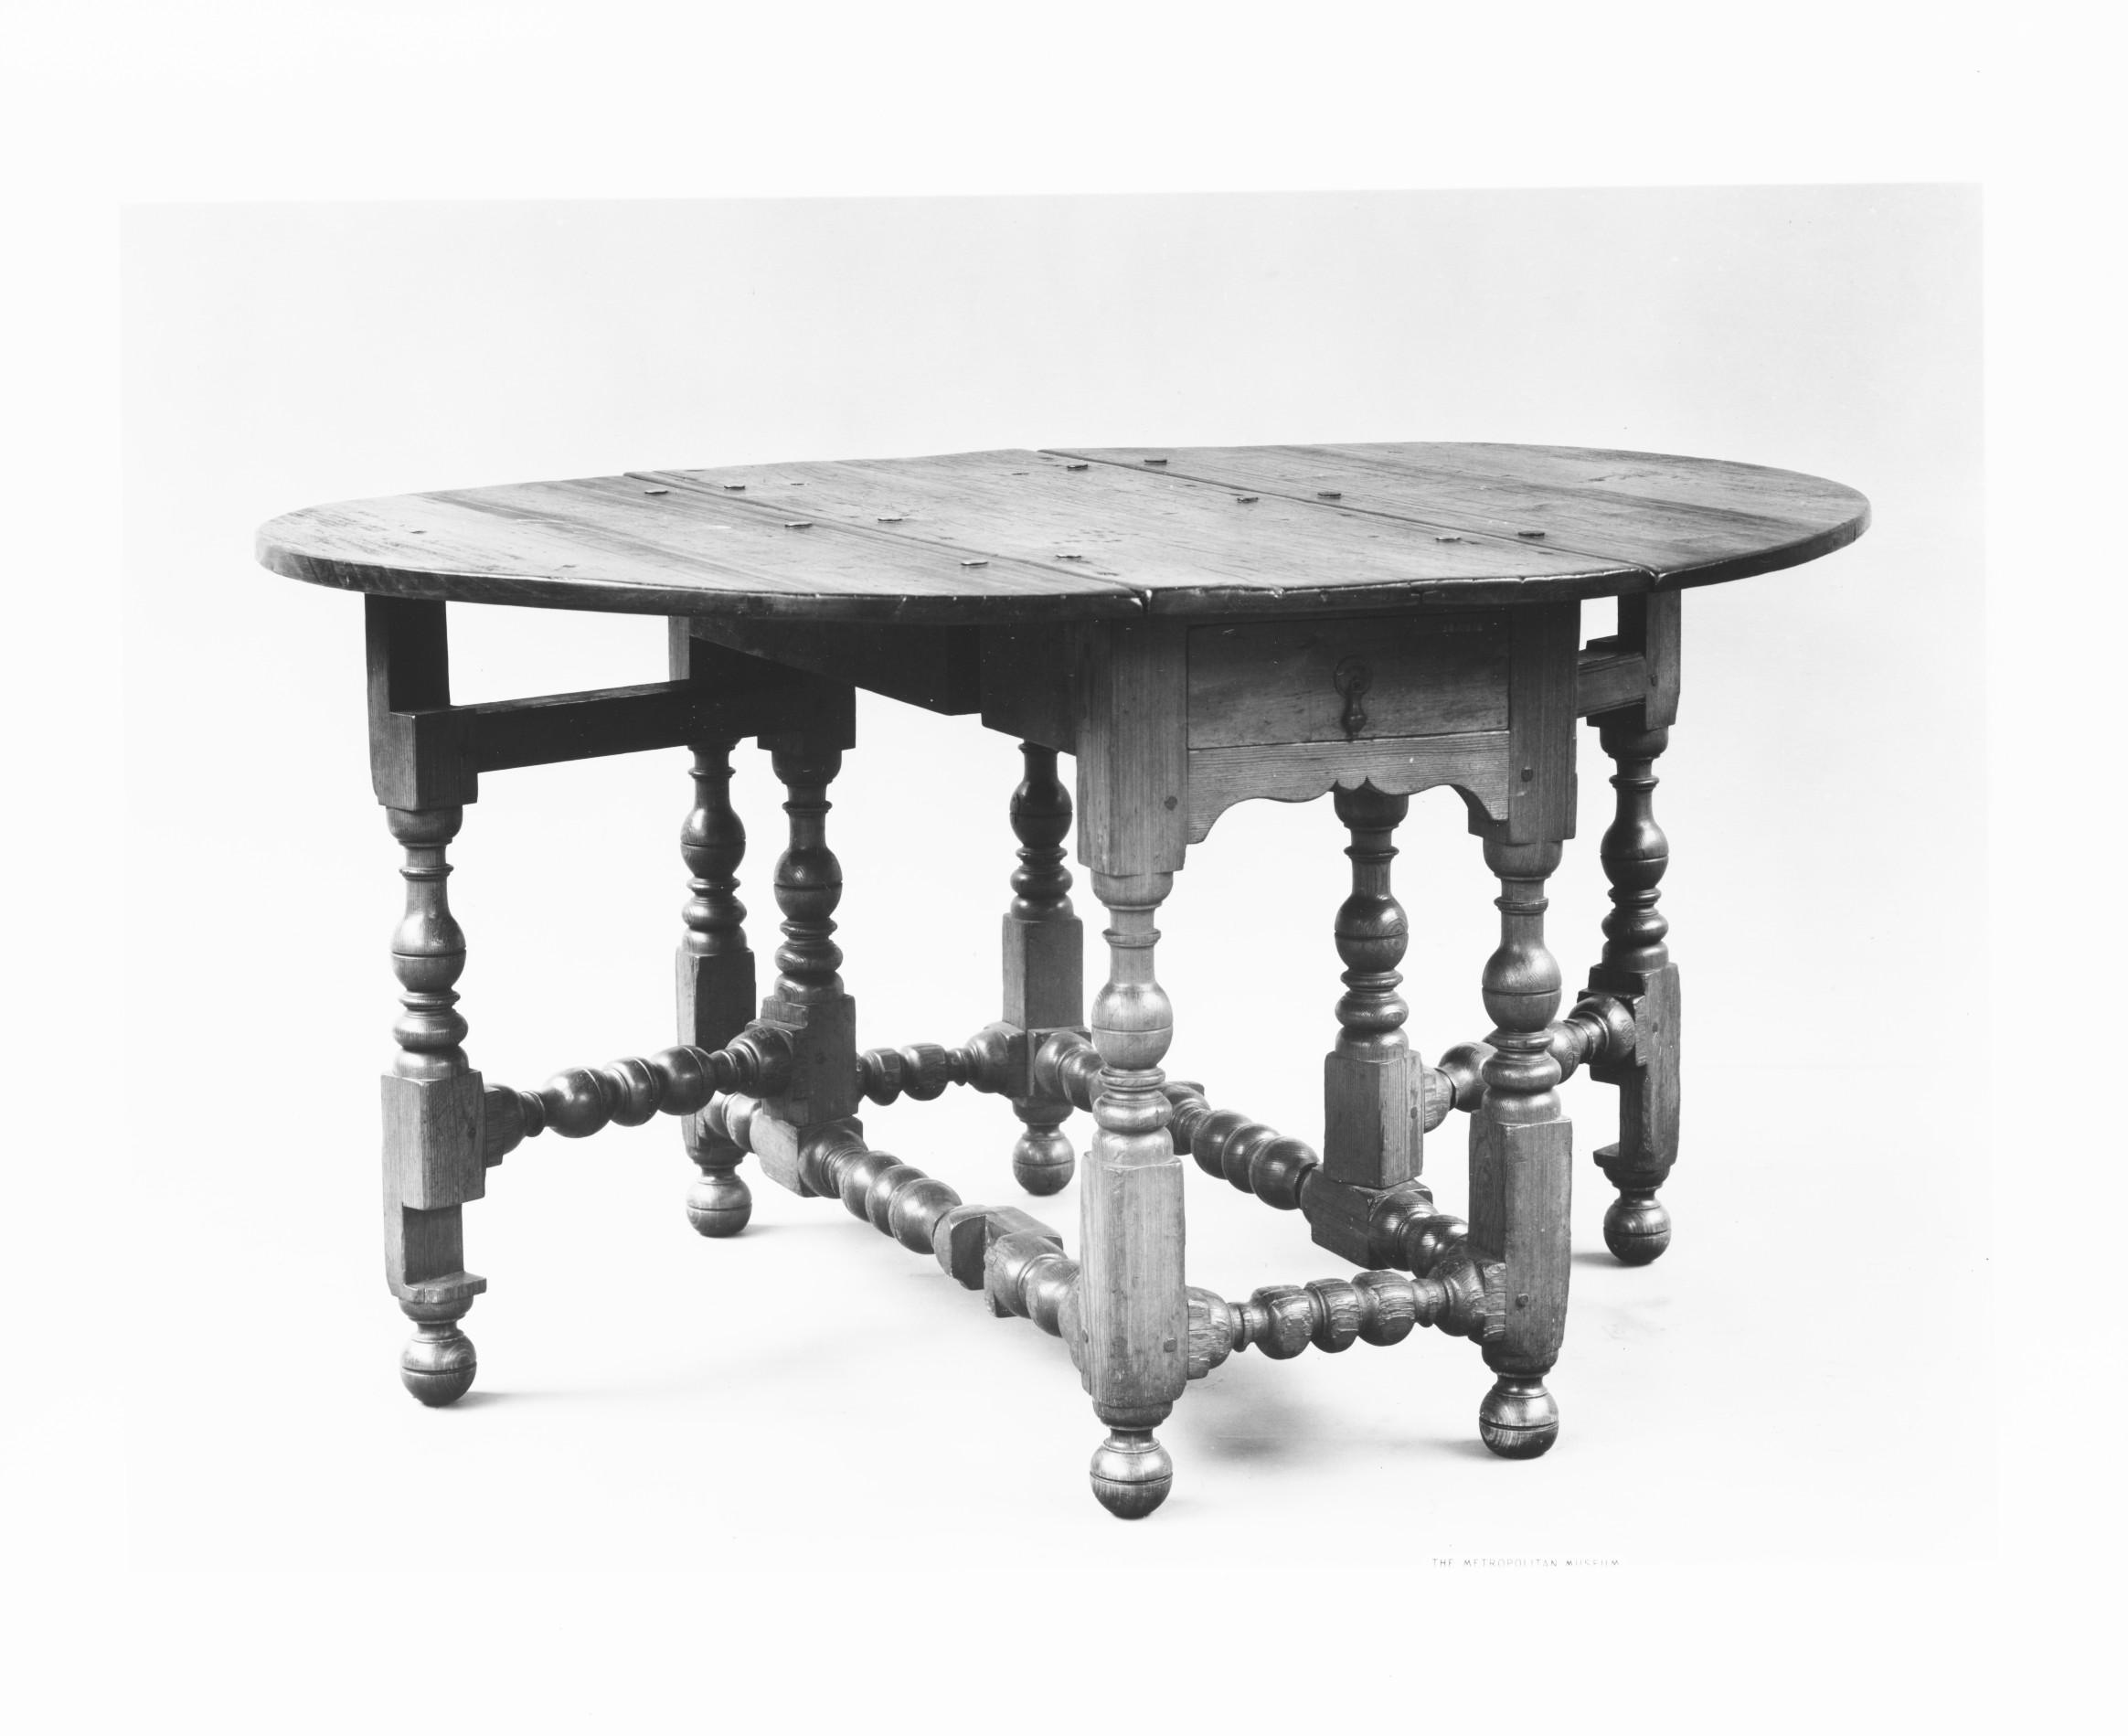 File:Gate Leg Drop Leaf Table MET 97191